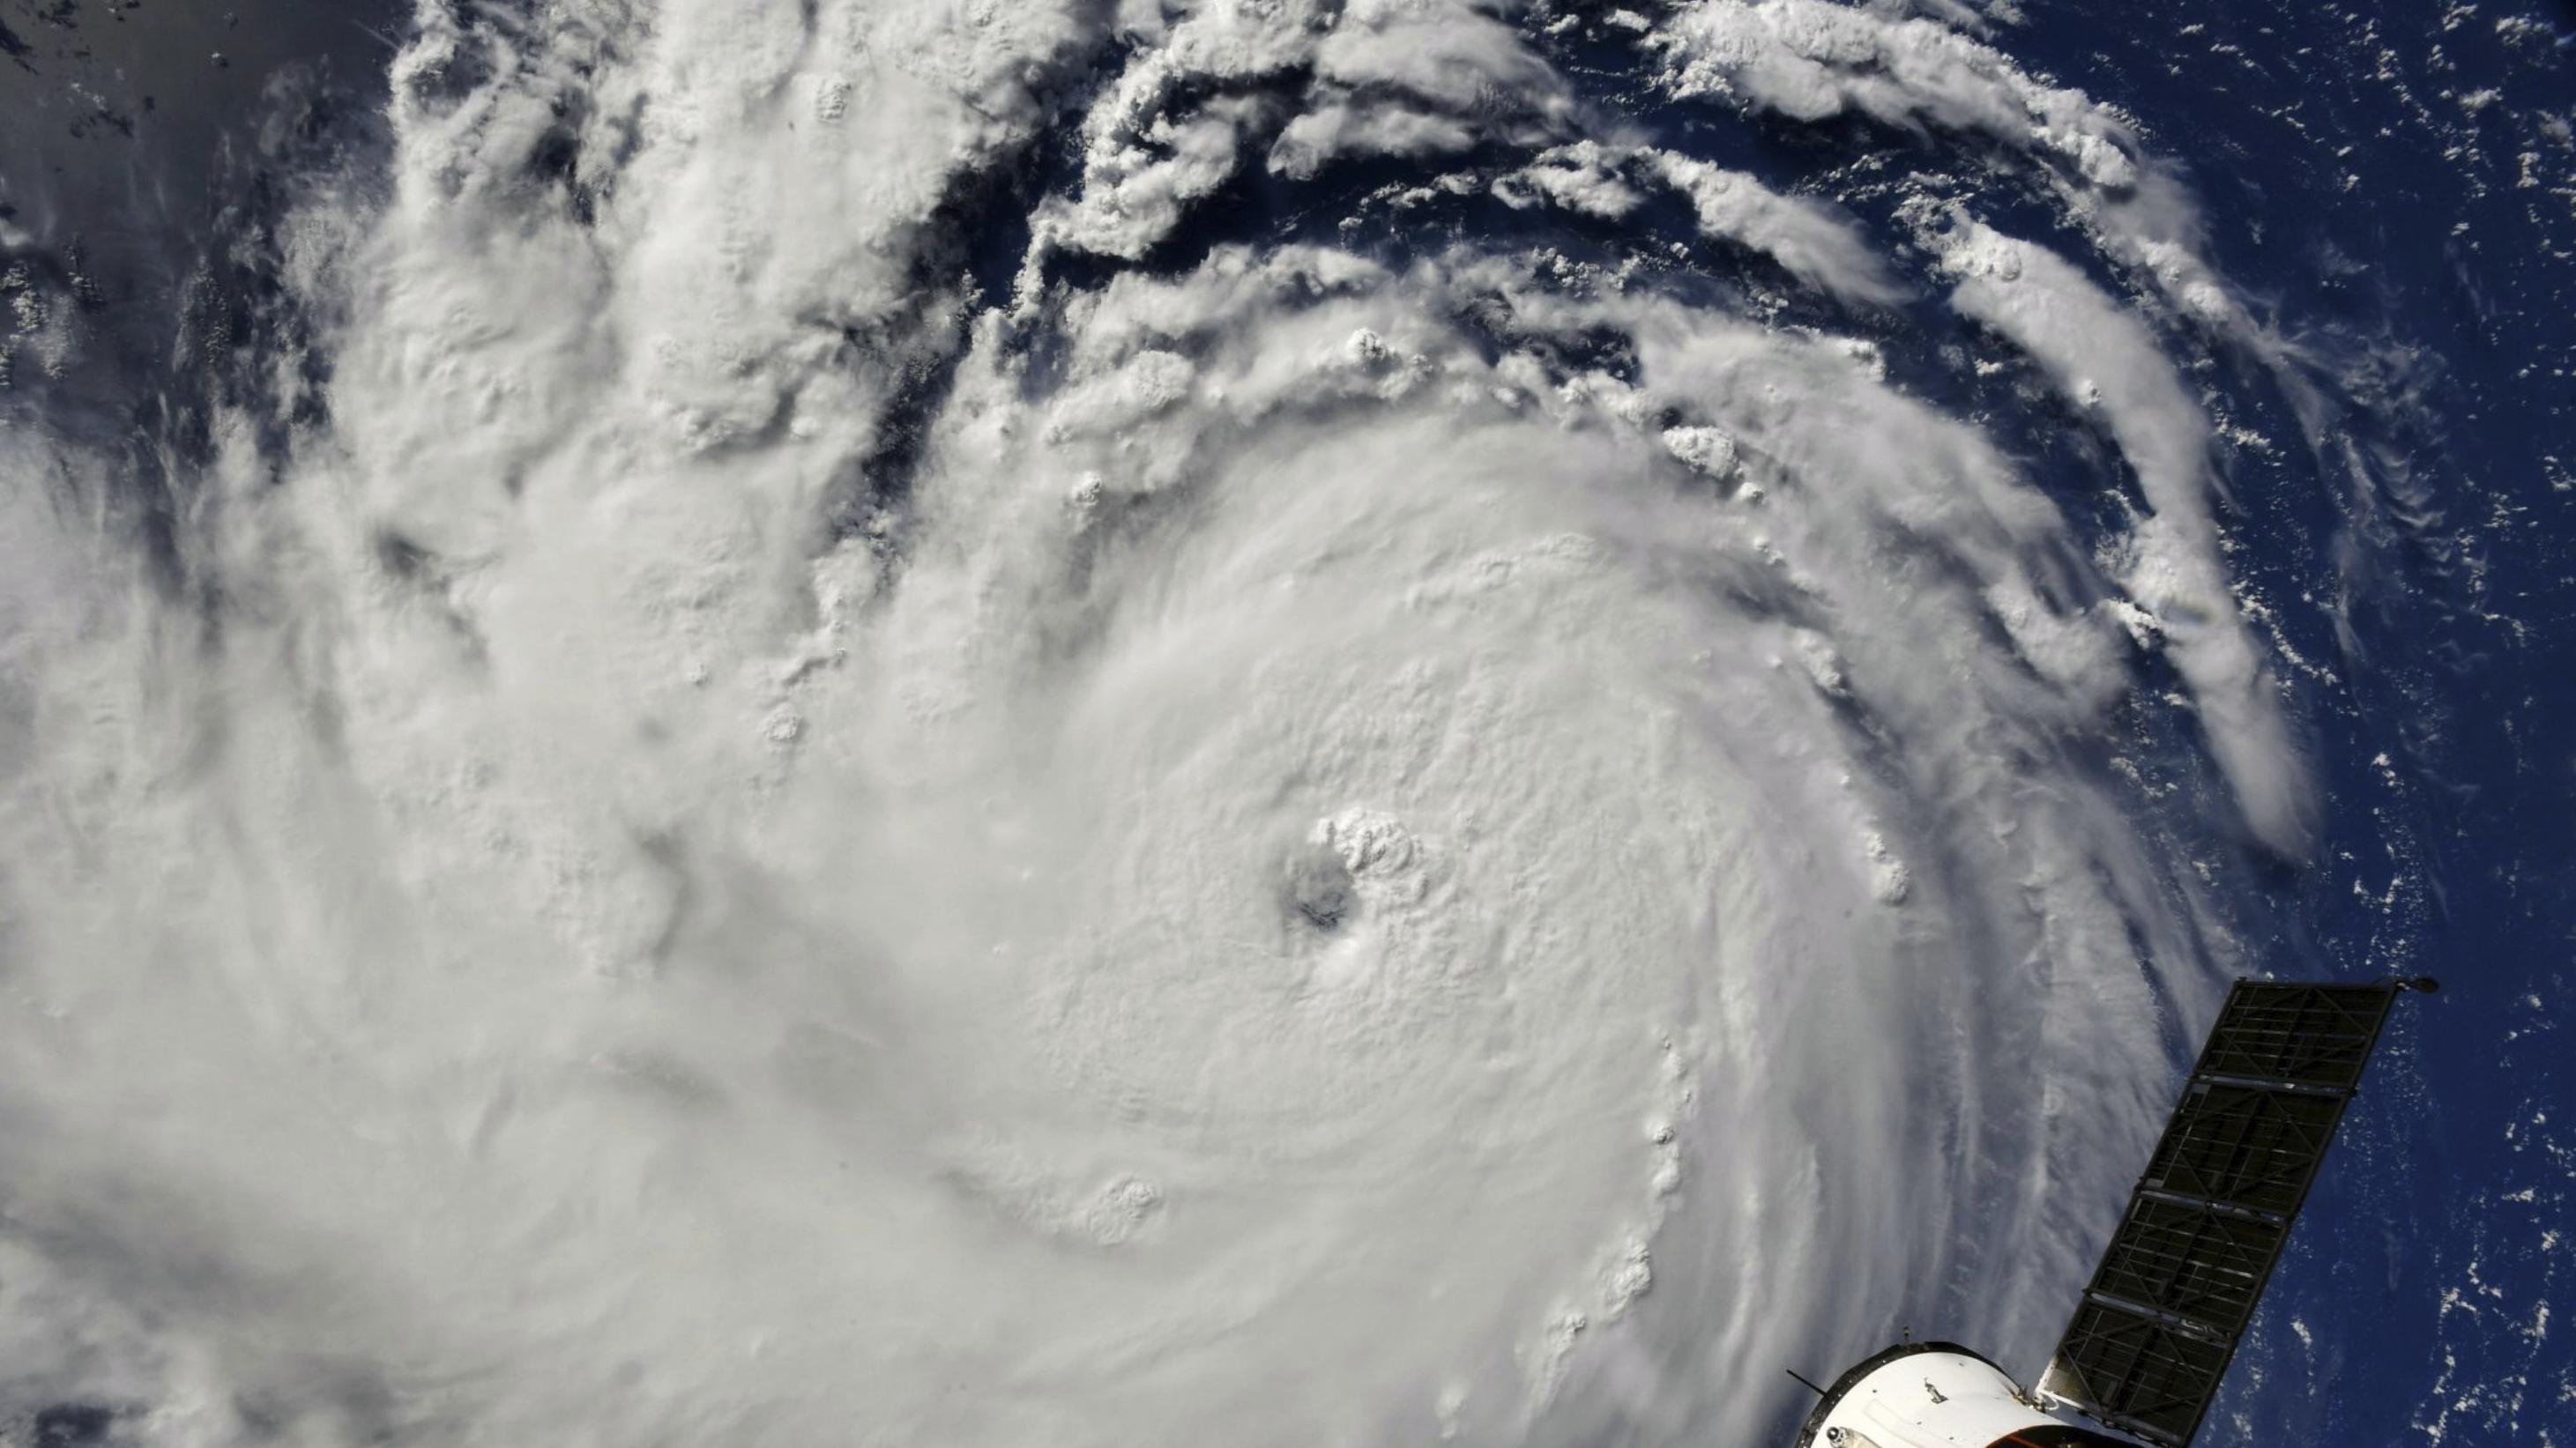 """Dieses von der NASA zur Verfügung gestellte Bild zeigt den Hurrikan """"Florence"""", als er sich auf die US-Ostküste bewegt."""